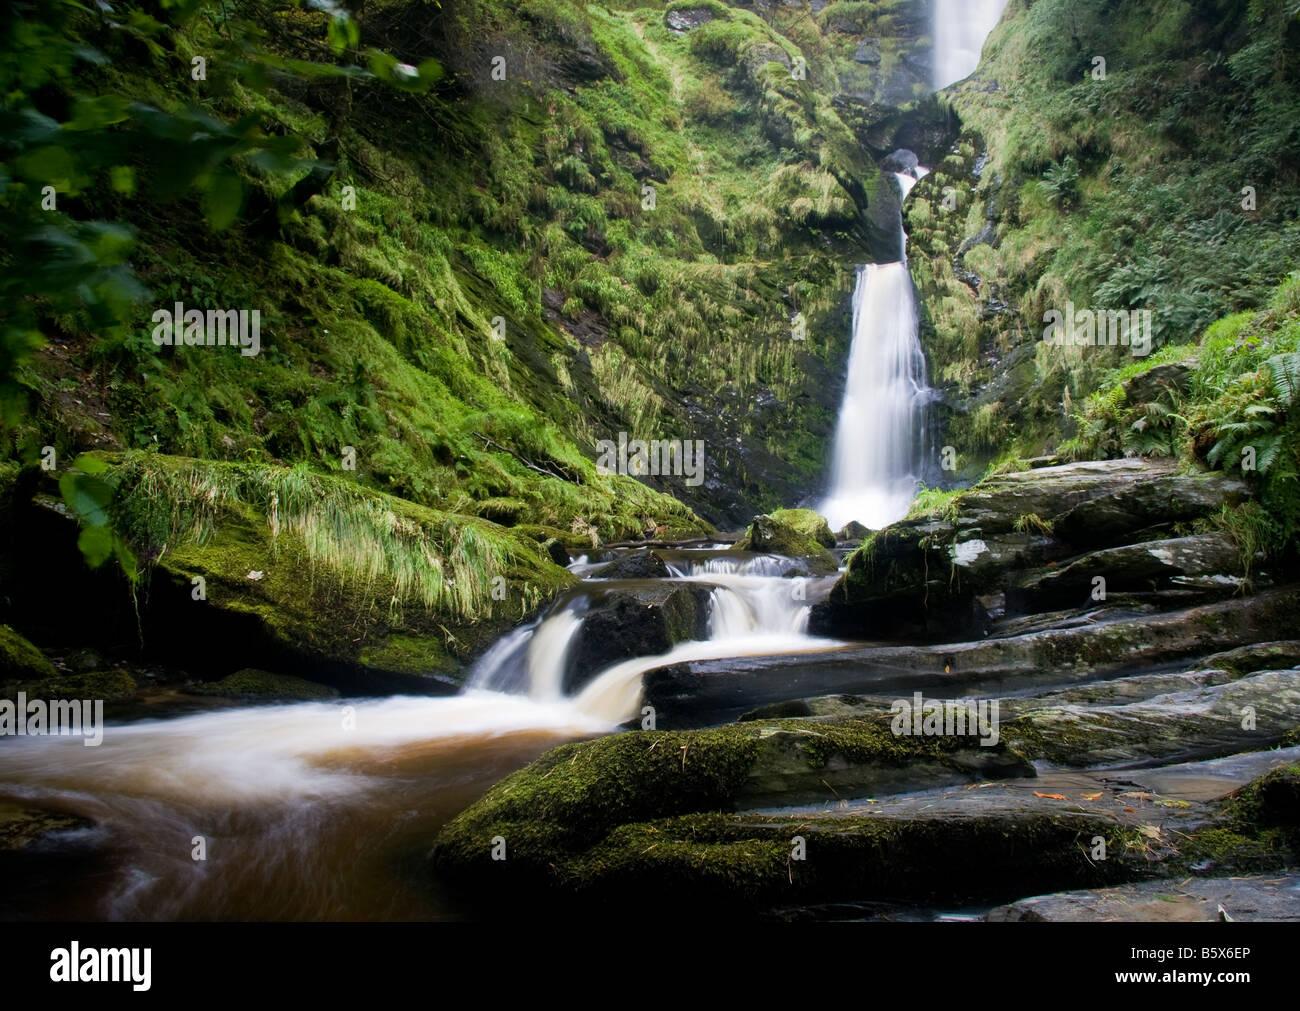 pistyll-rhaeadr-waterfall-in-wales-B5X6E